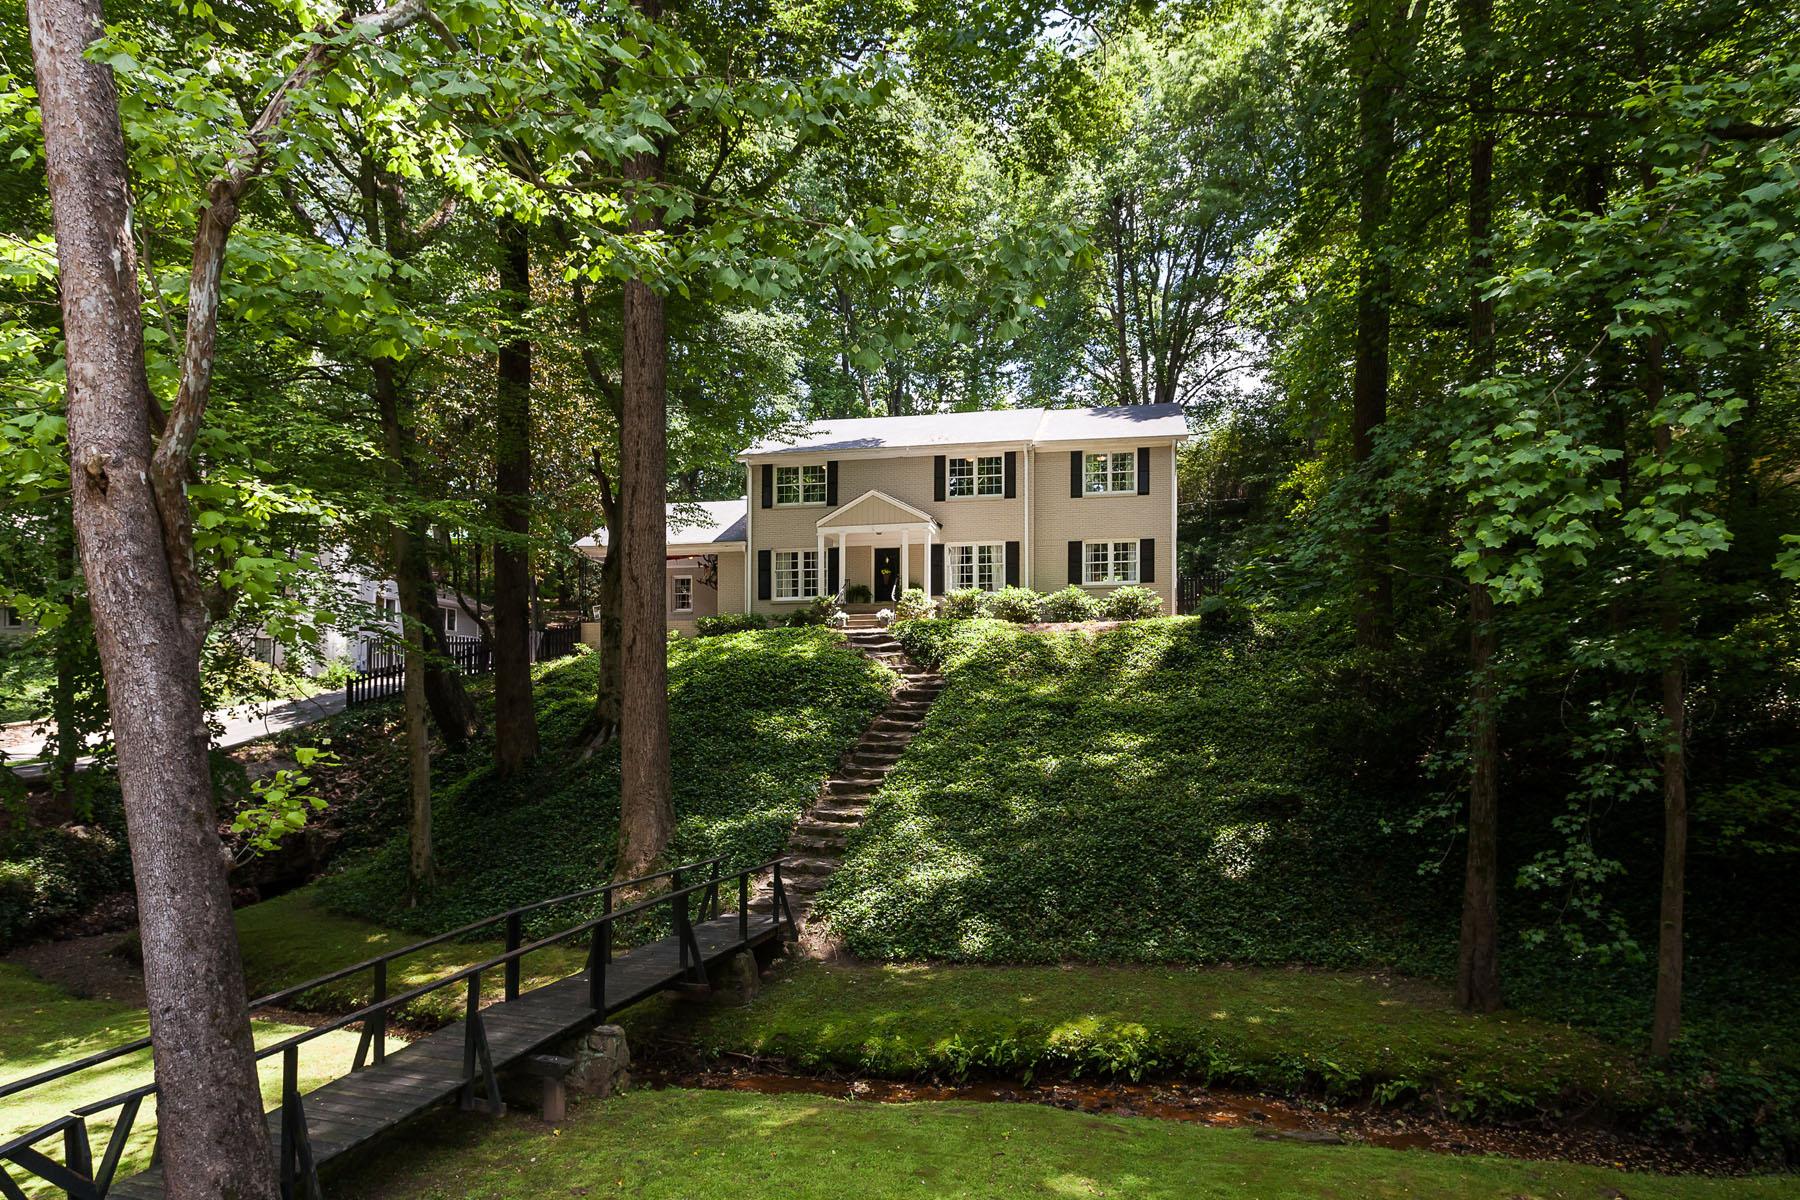 獨棟家庭住宅 為 出售 在 Walk to Sarah Smith Elementary 3837 Land O Lakes Dr North Buckhead, Atlanta, 喬治亞州, 30342 美國